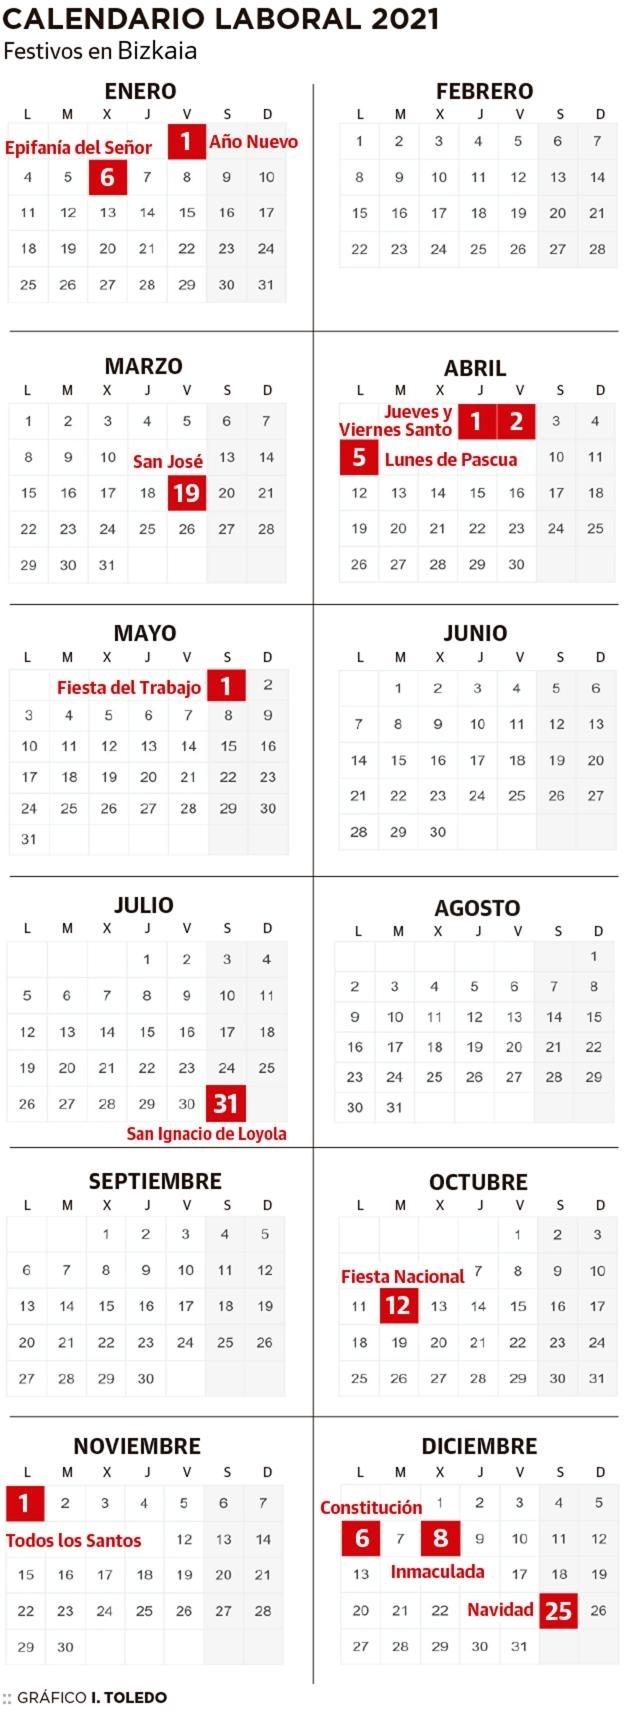 Calendario Laboral De Bizkaia 2021 | El Correo